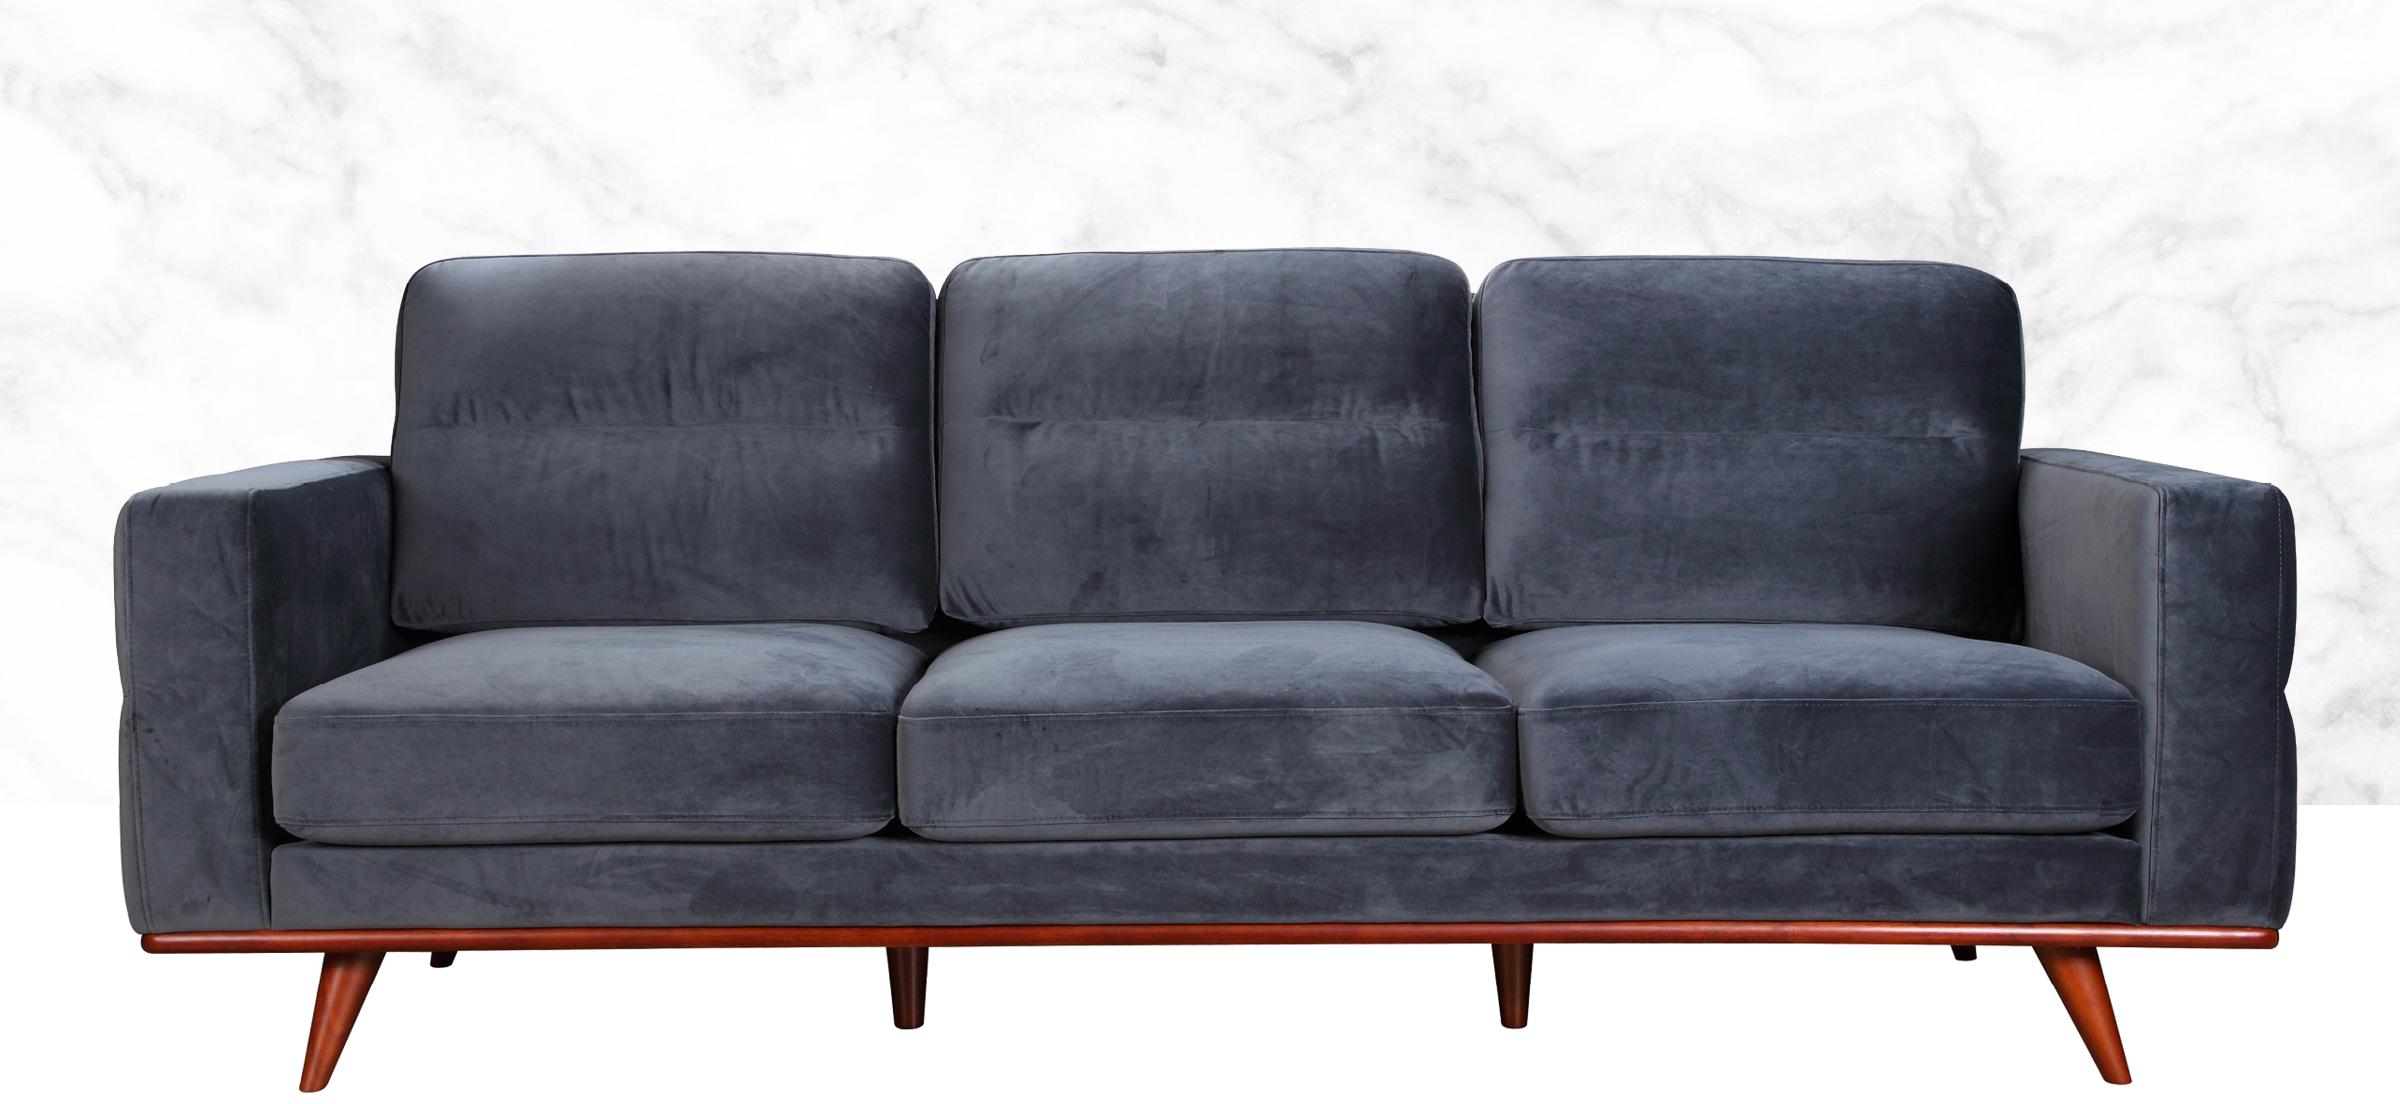 Tremendous Mcm Dufresne Furniture Appliances Machost Co Dining Chair Design Ideas Machostcouk